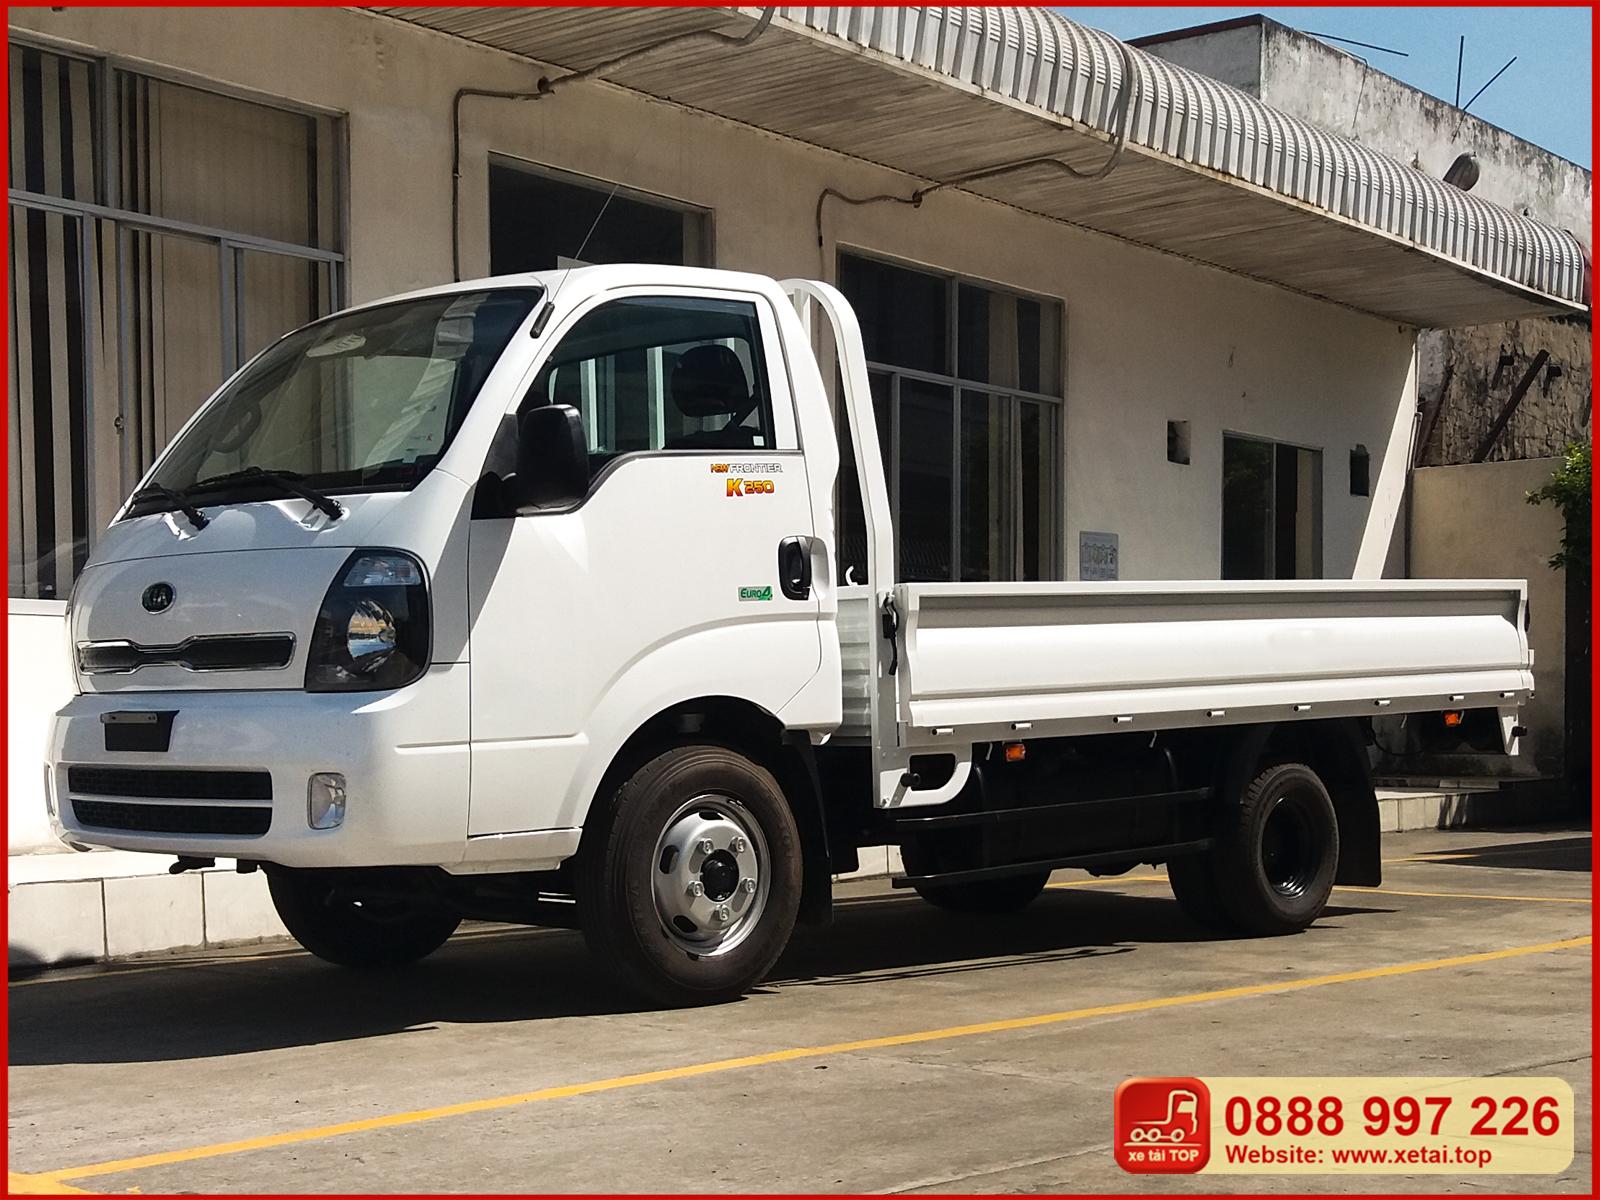 xe-tải-kia-thaco-k250-thùng-lửng-tải-trọng-2t4